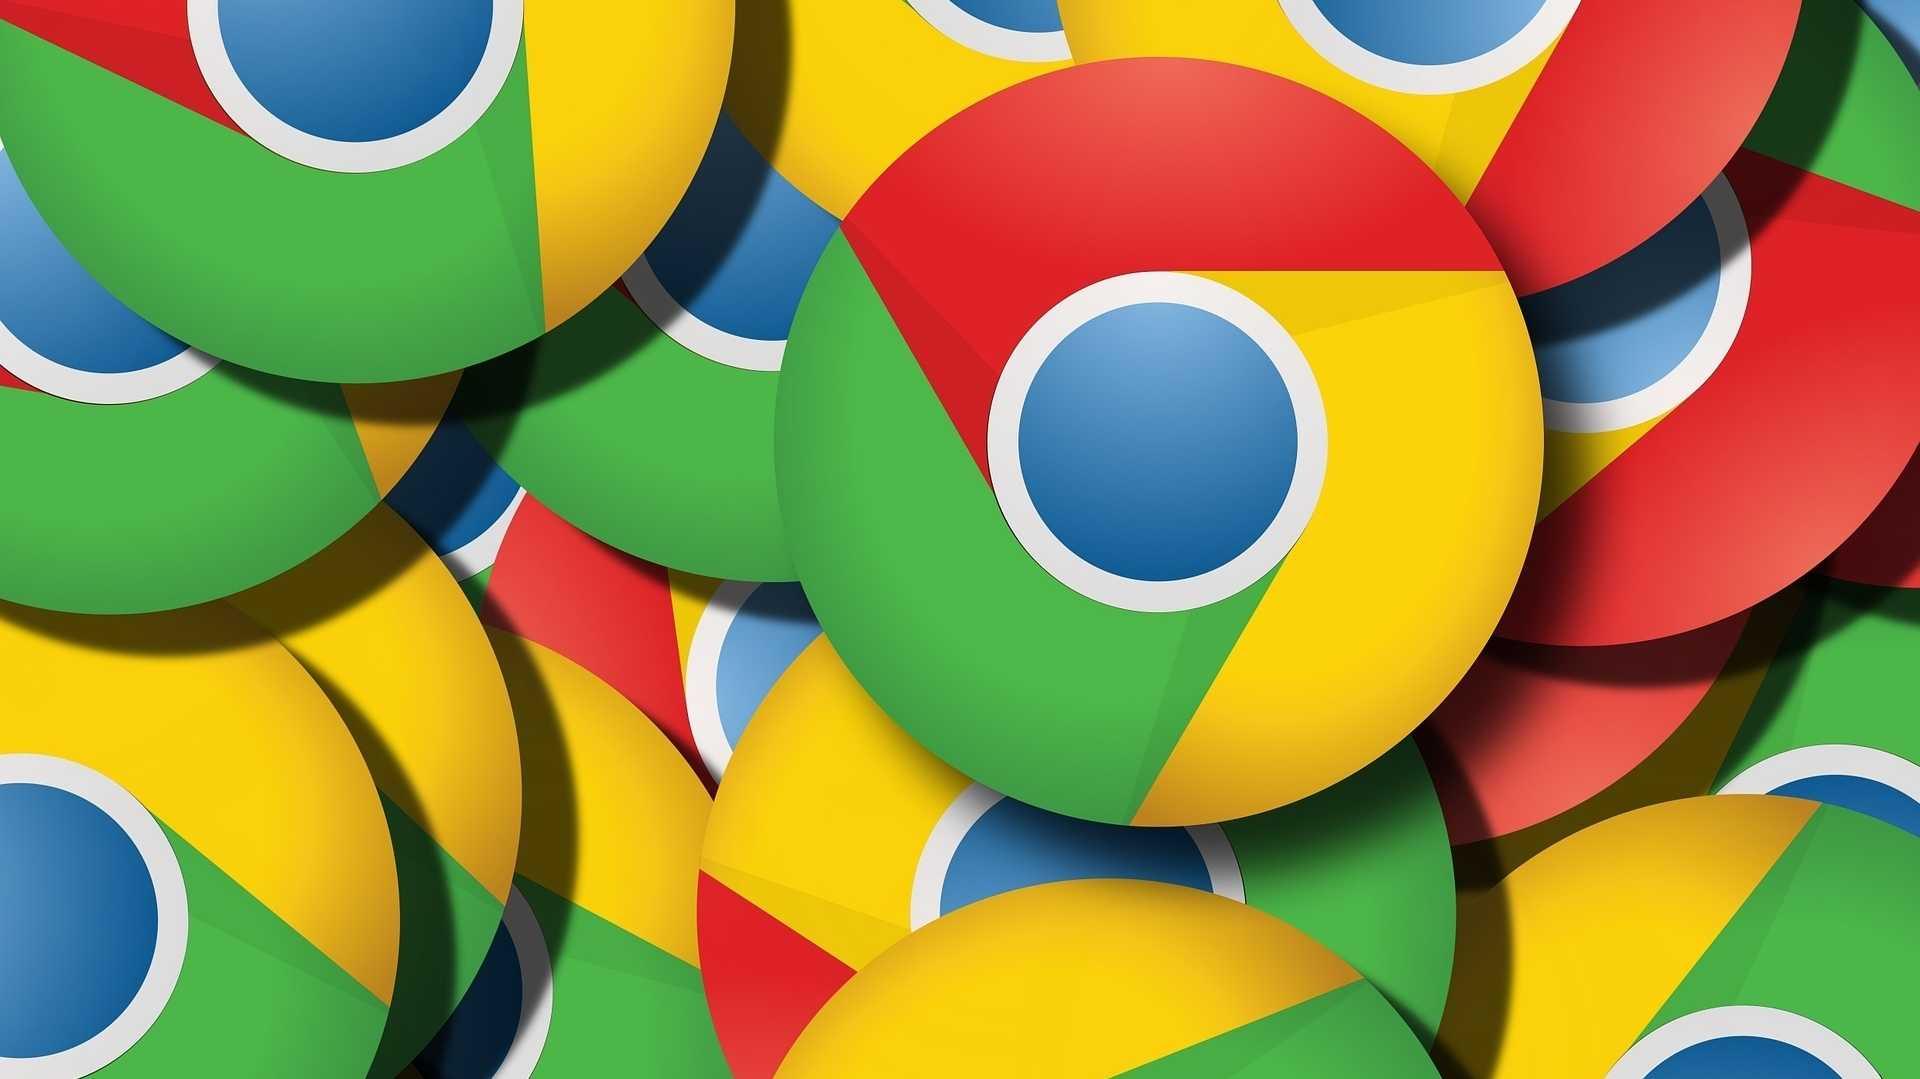 Sicherheitsupdate: Chrome 67 rüstet sich weiter gegen Meltdown und Spectre